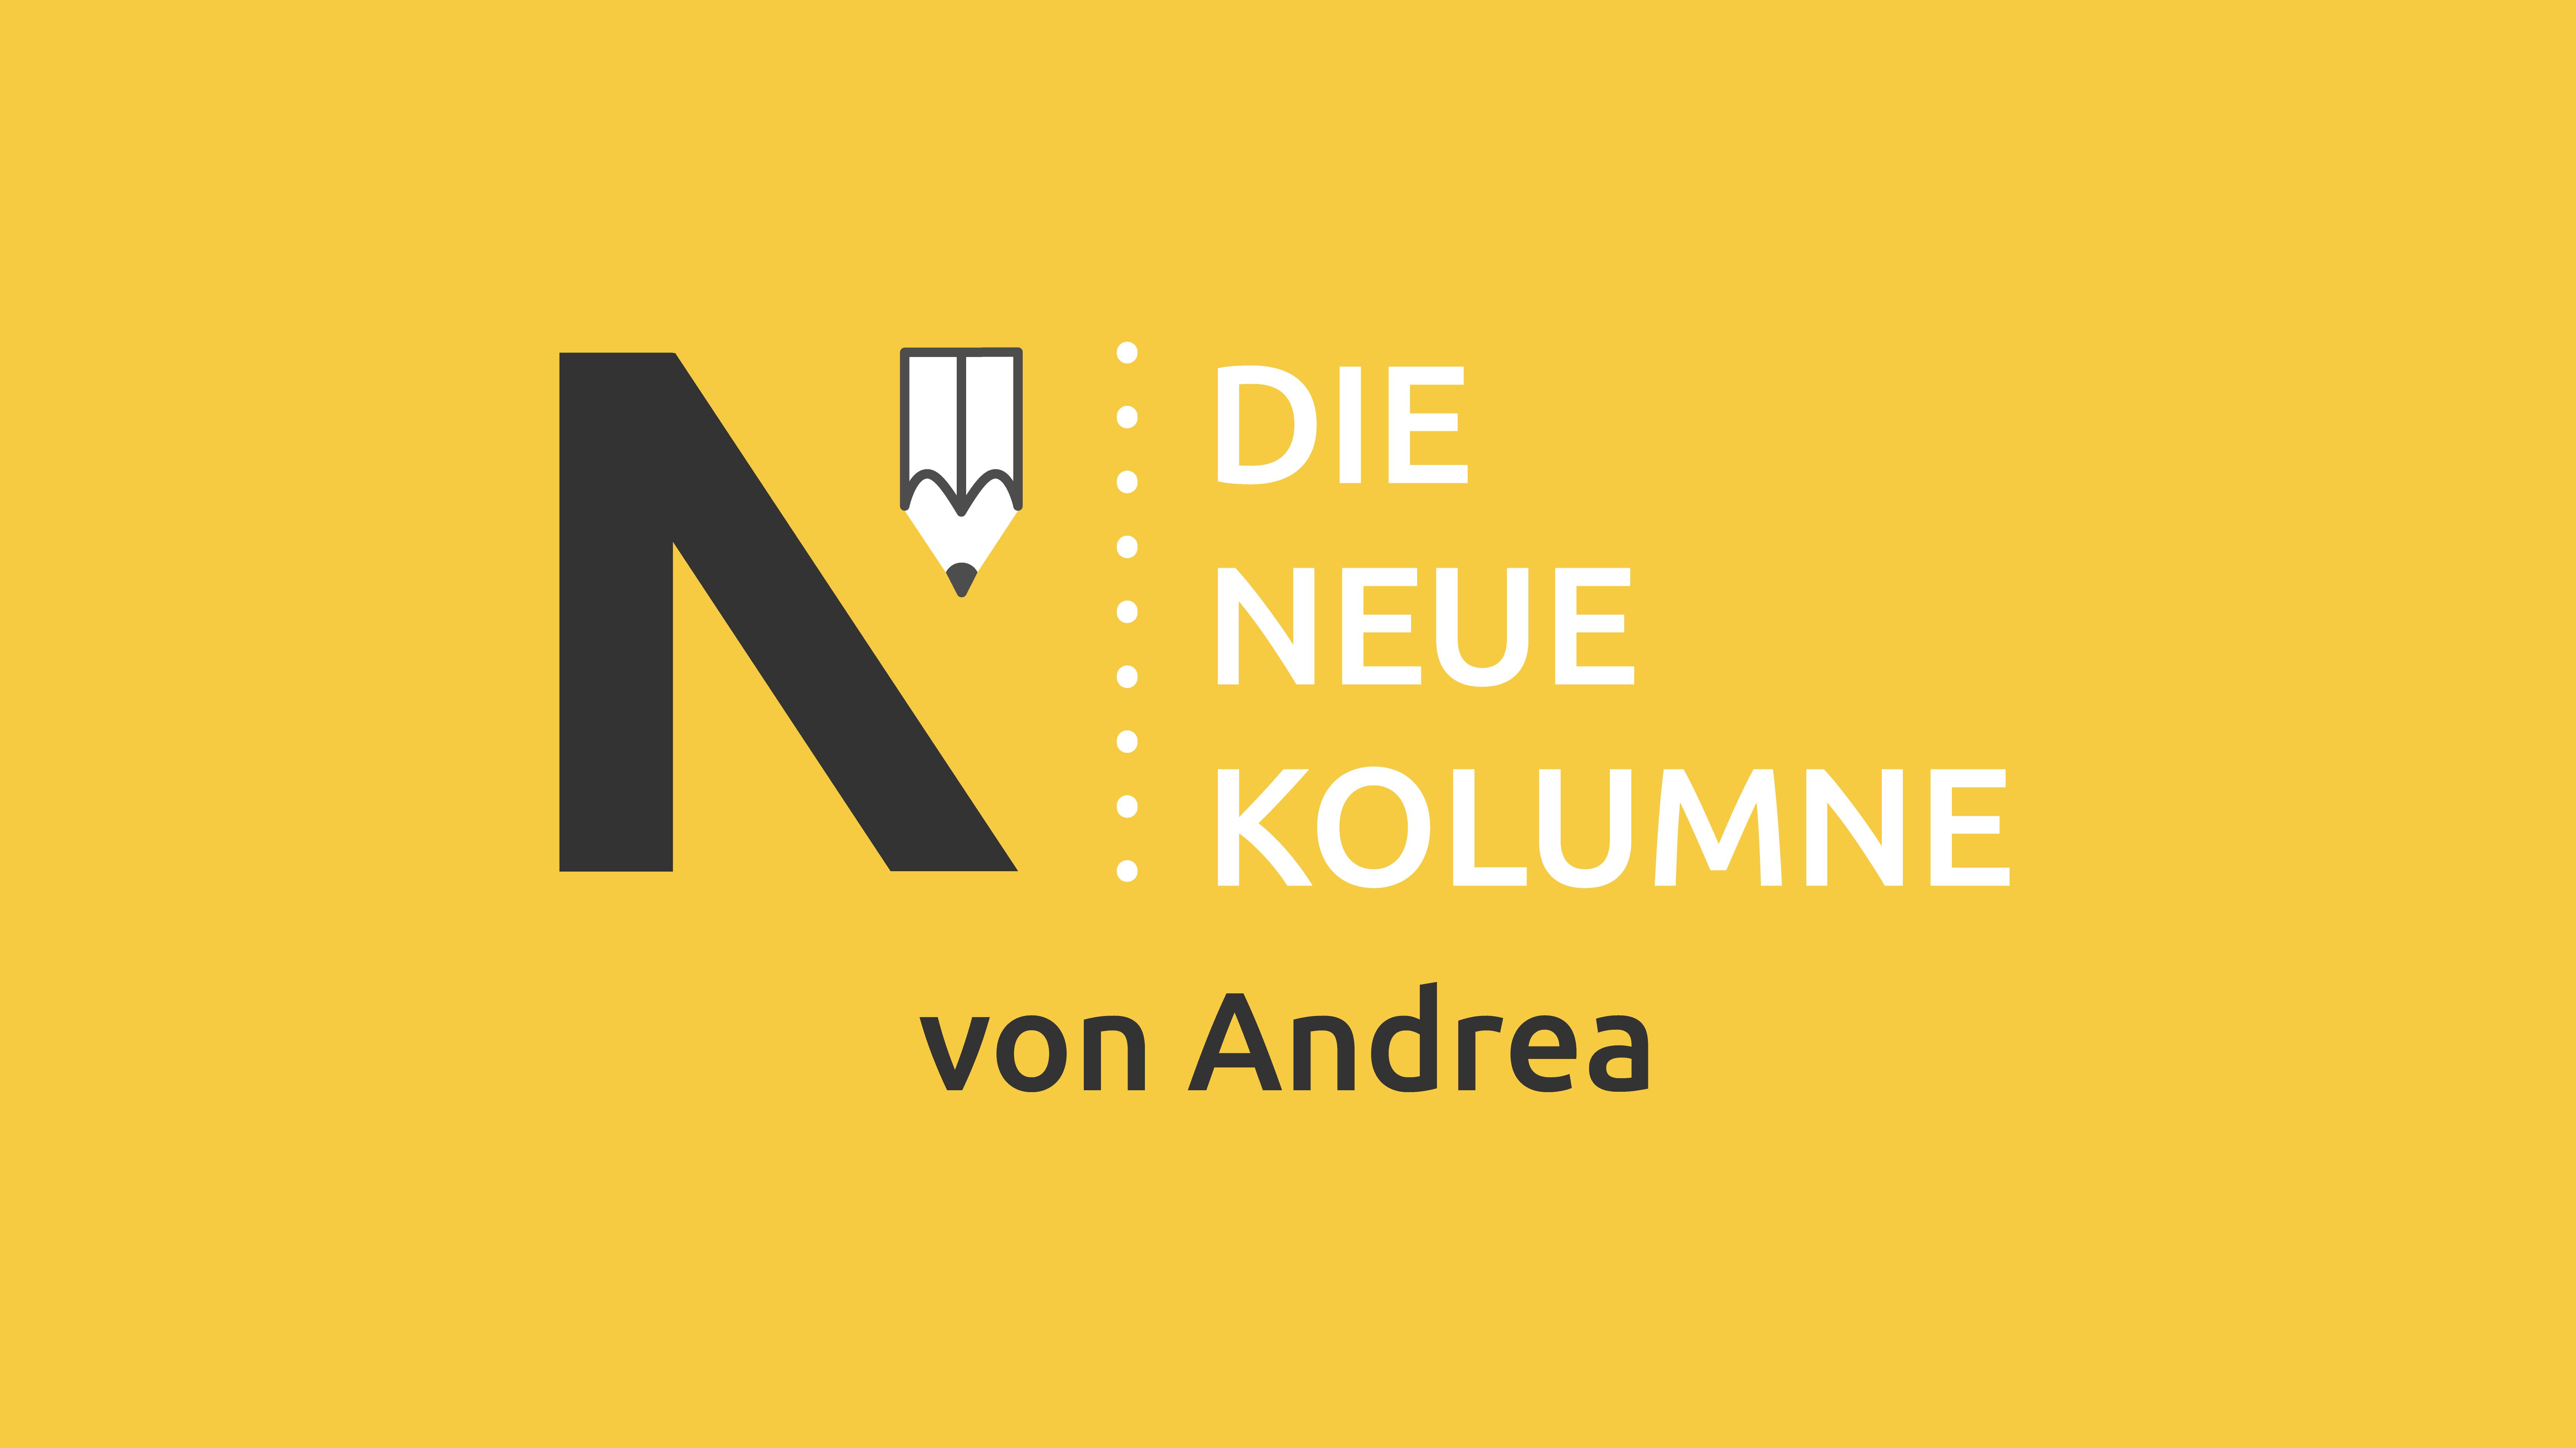 Das Logo von Die Neue Norm auf gelbem Grund. Rechts davon steht: Die Neue Kolumne. Unten steht: Von Andrea.